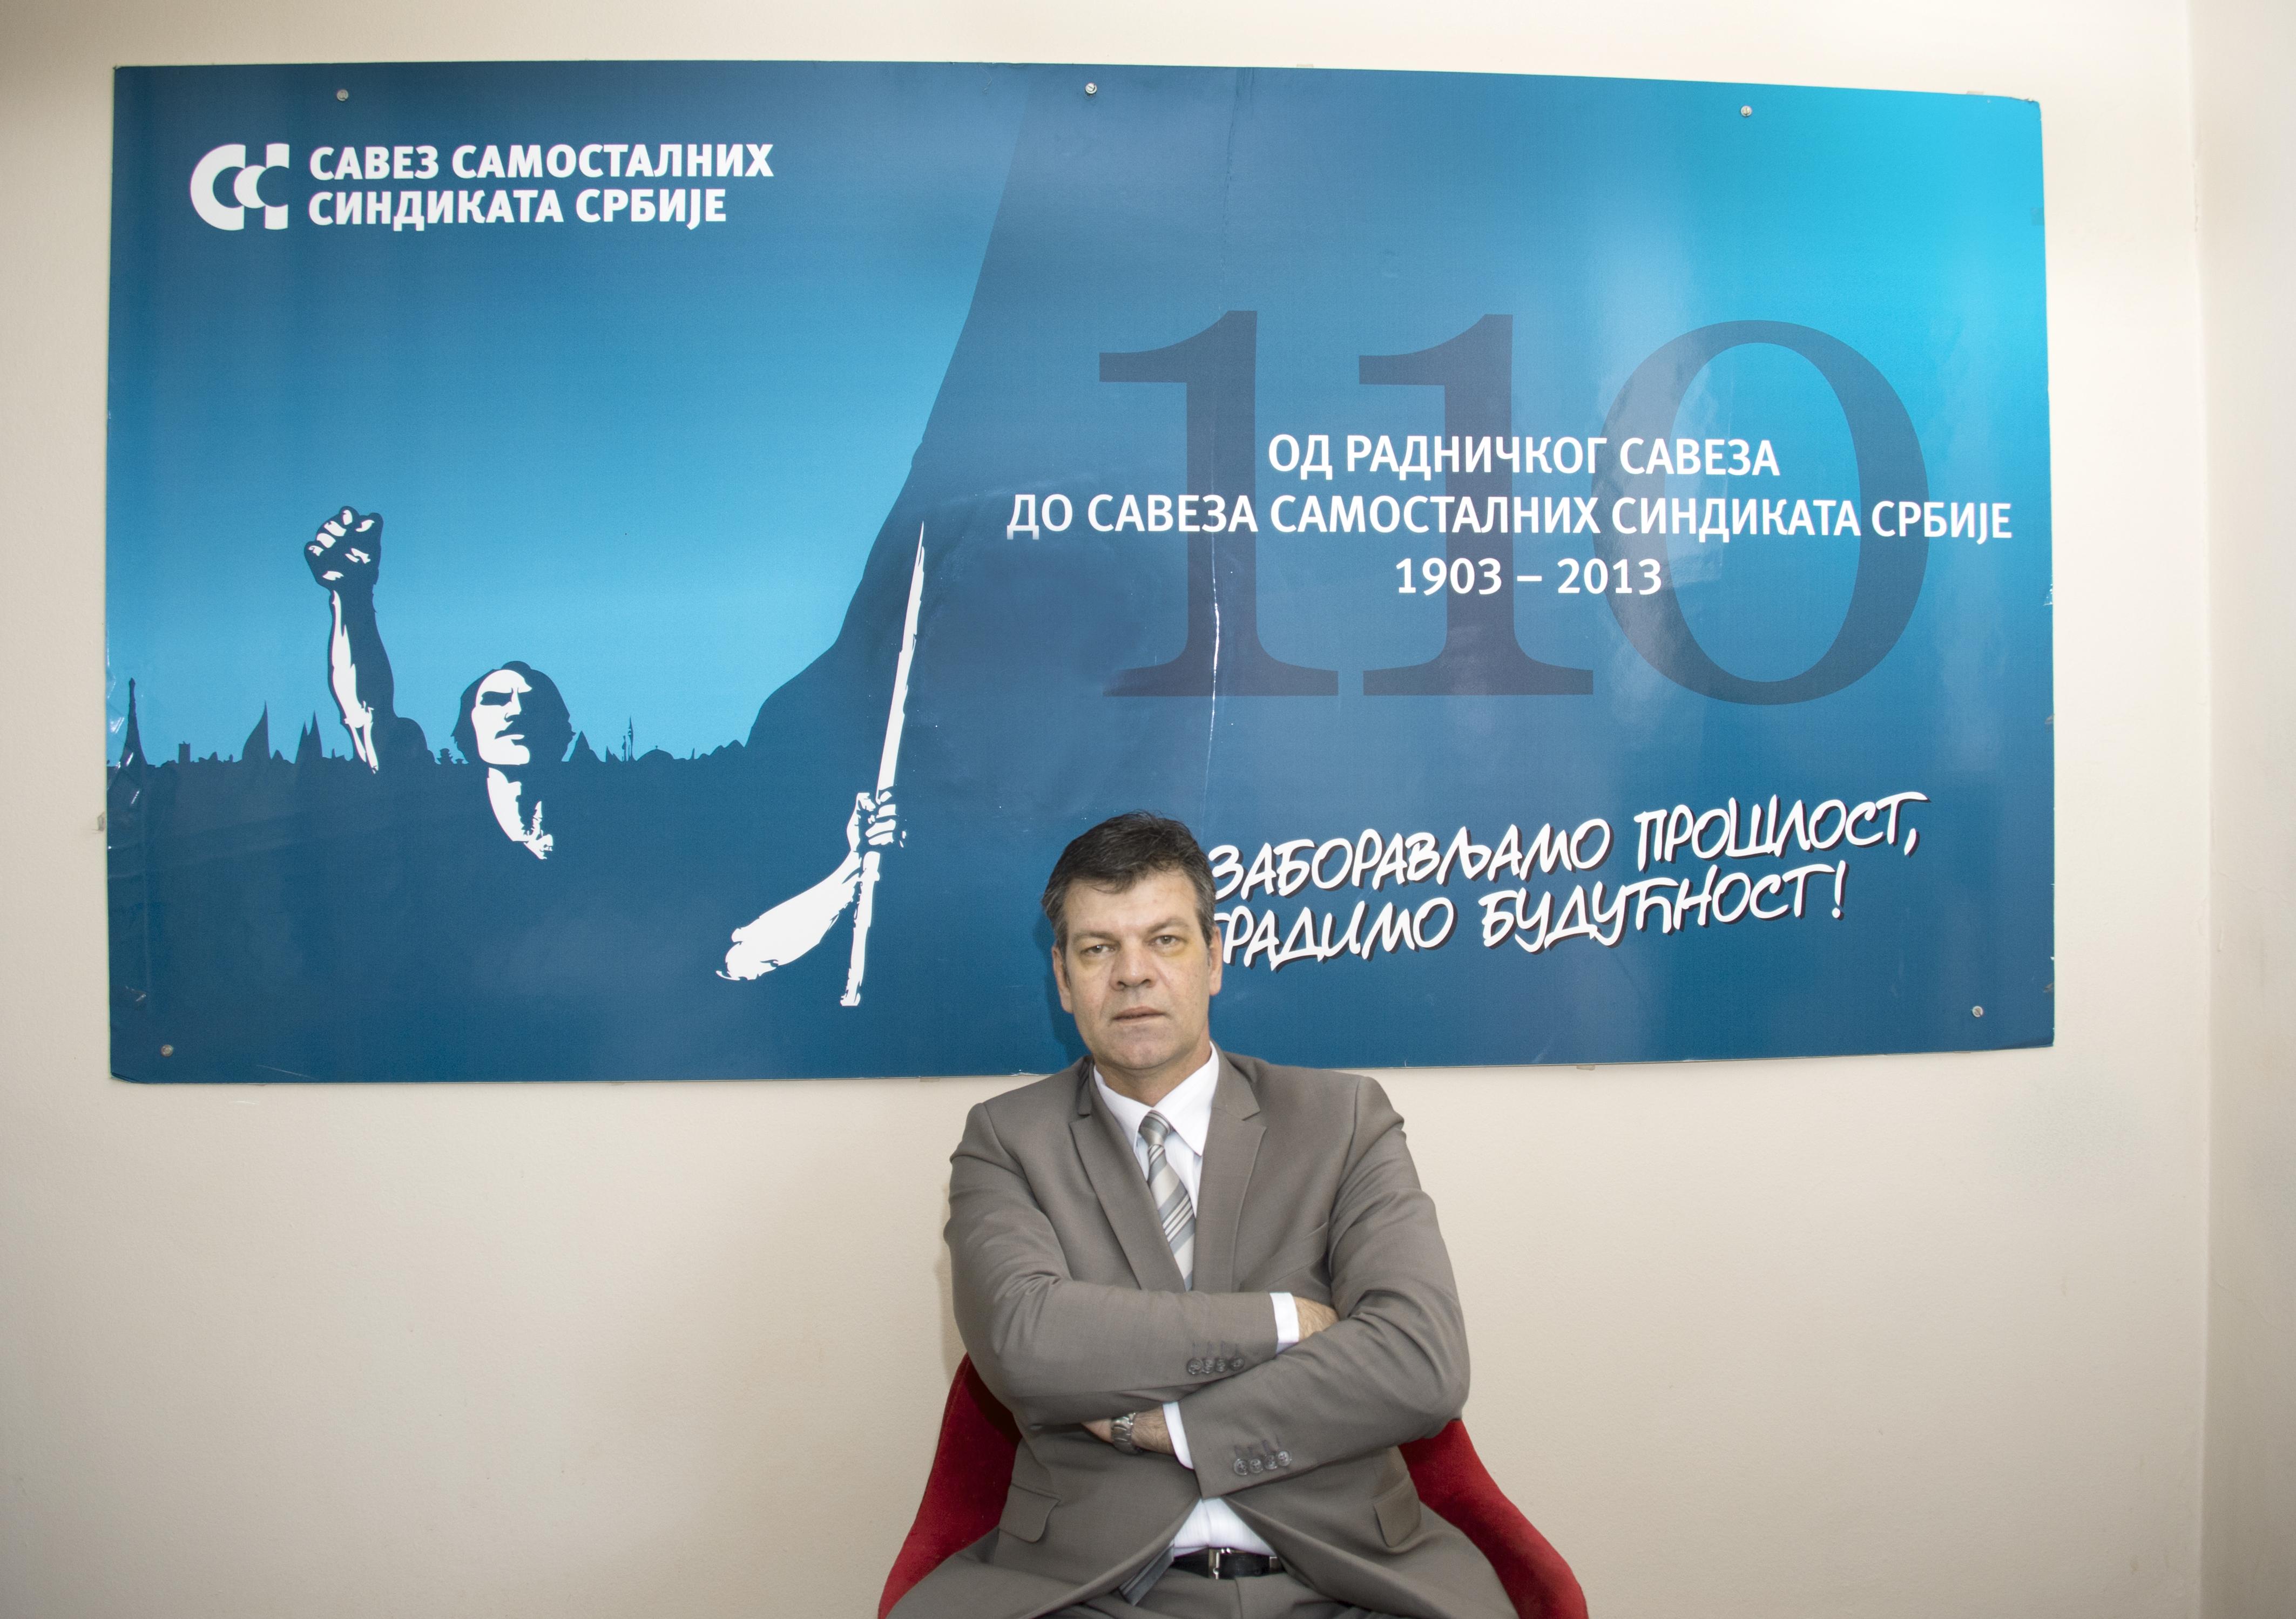 Dusko Vukovic,vice ordförande för Serbiens största fackliga centralorganisation, Catus. Foto: Denny Lorentzen.